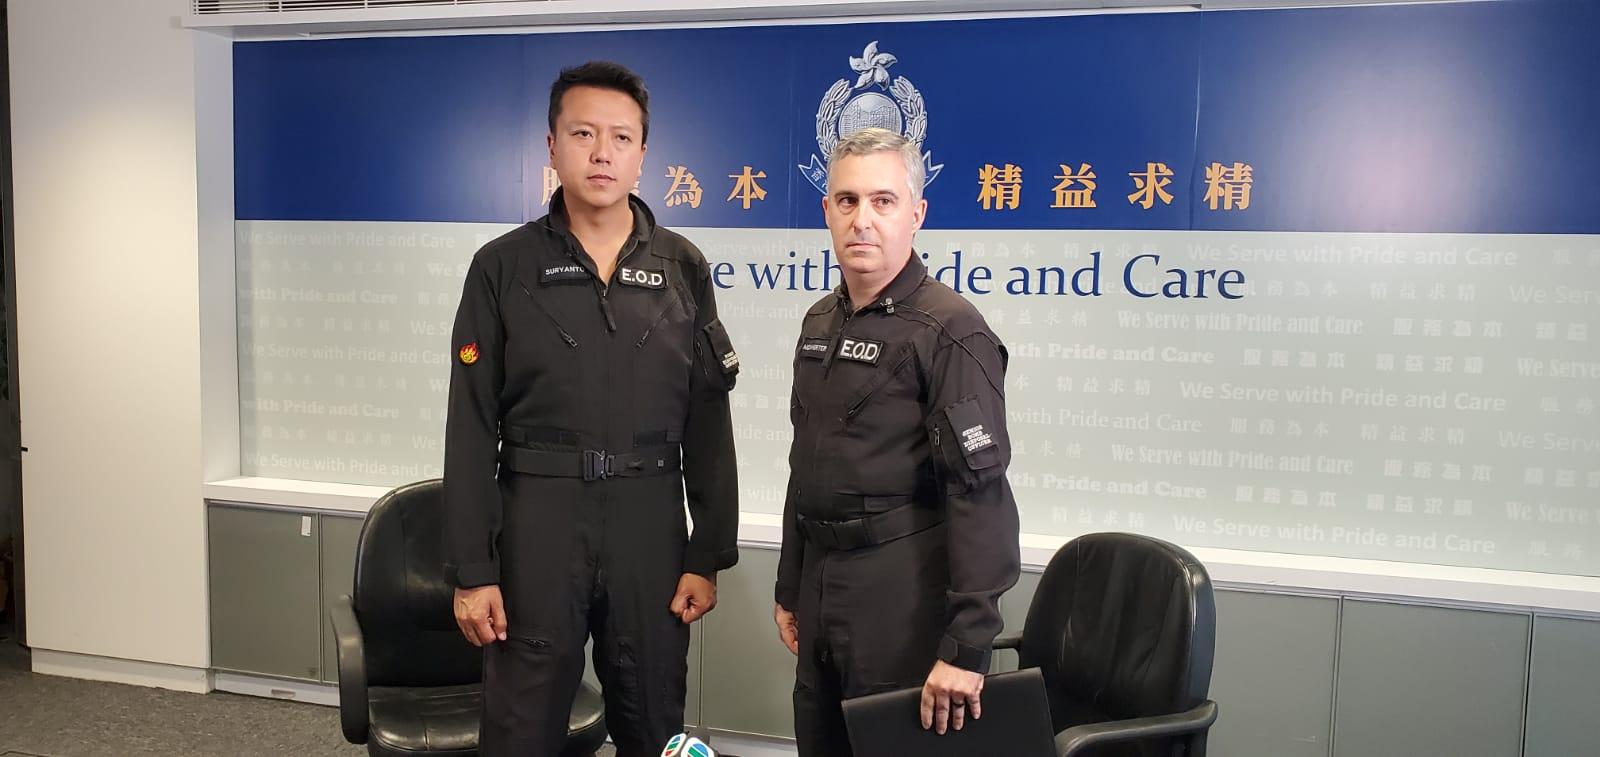 爆炸品處理課警司李展超、高級警司馬偉德會見傳媒。